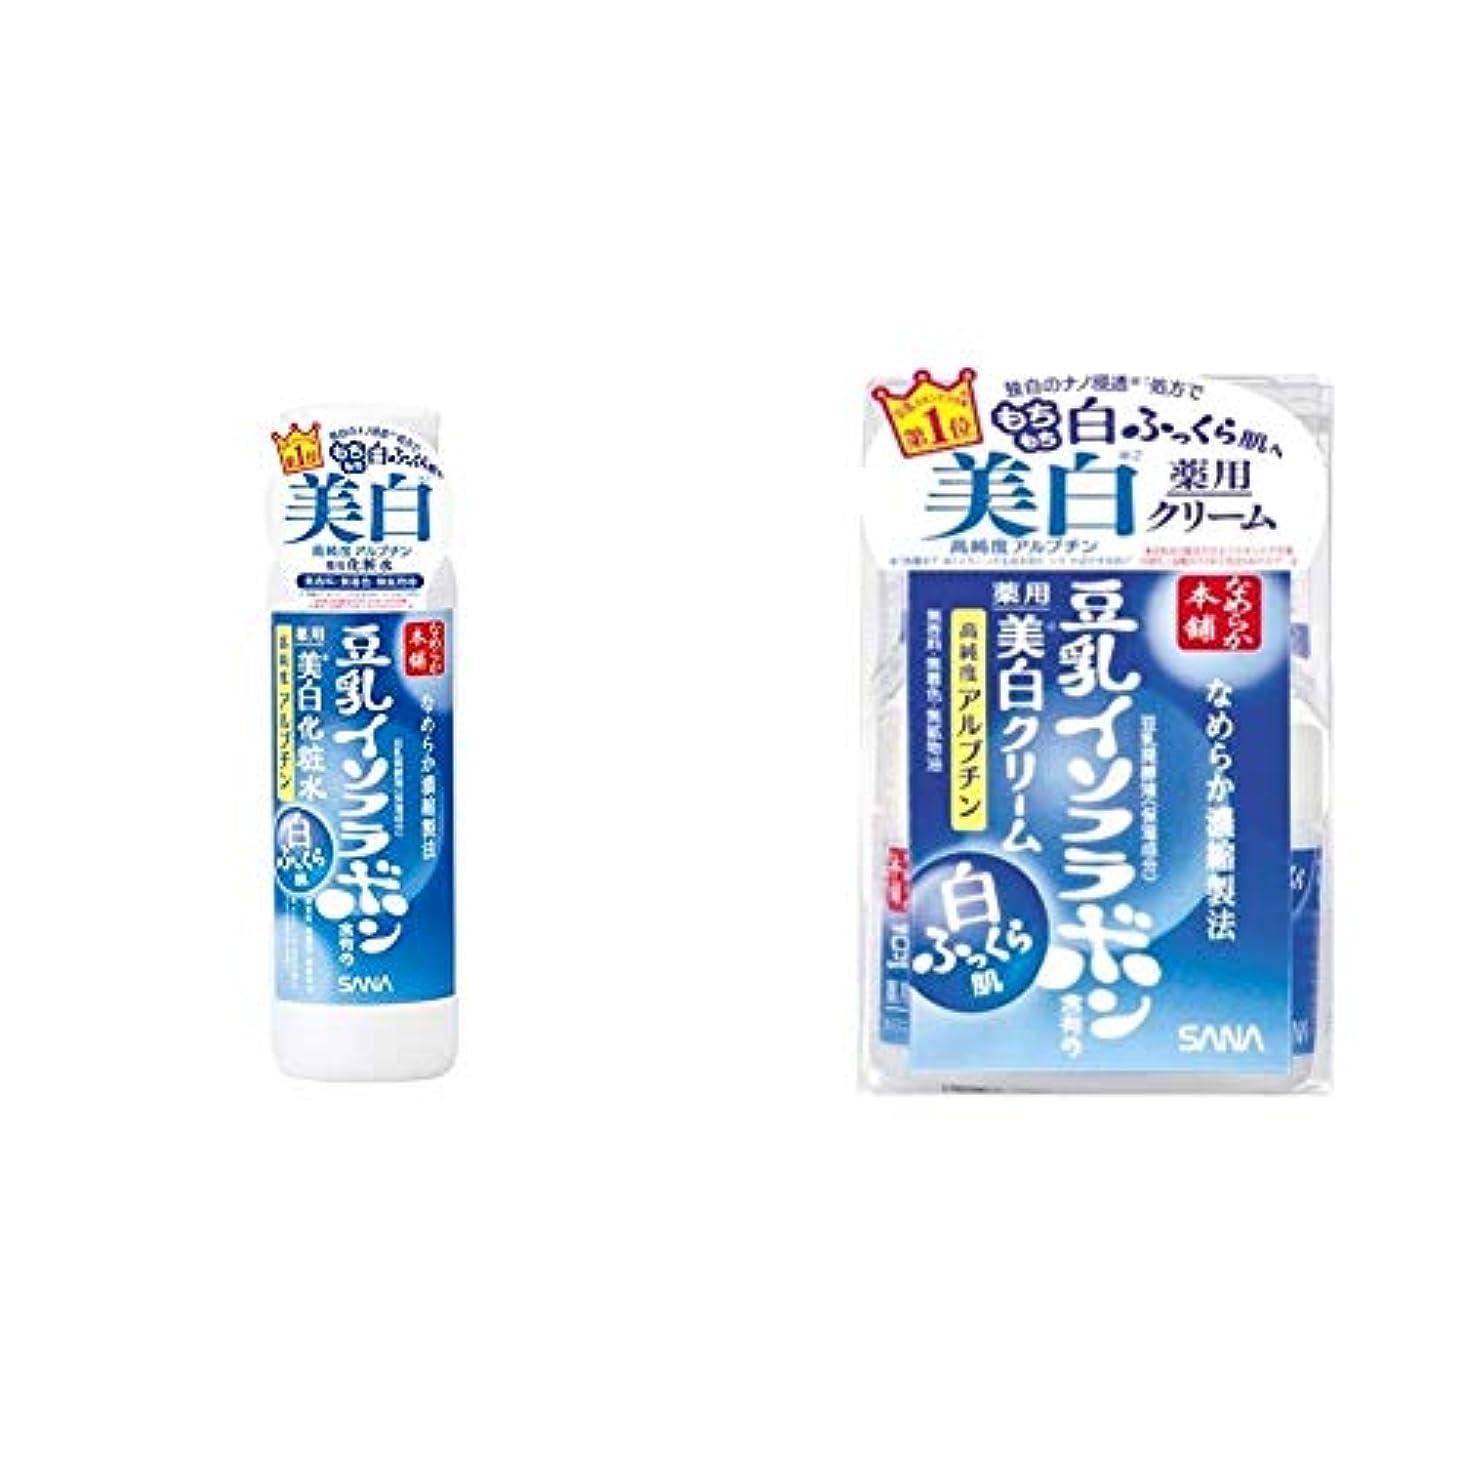 ラフレシアアルノルディアルプススピーカーなめらか本舗 薬用美白化粧水 200ml & 薬用美白クリーム 50g